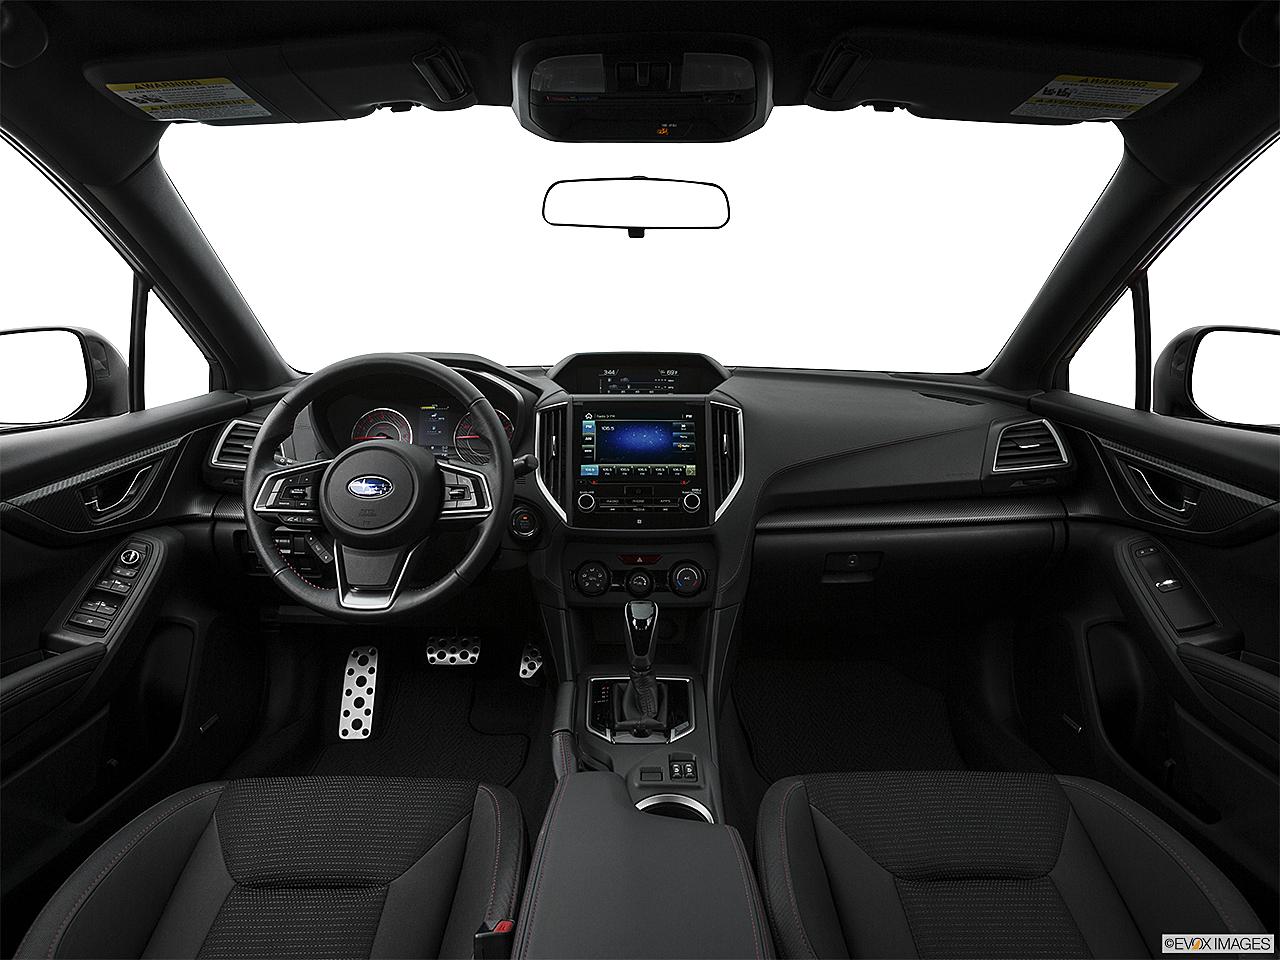 2017 subaru impreza 2.0 i manual sedan